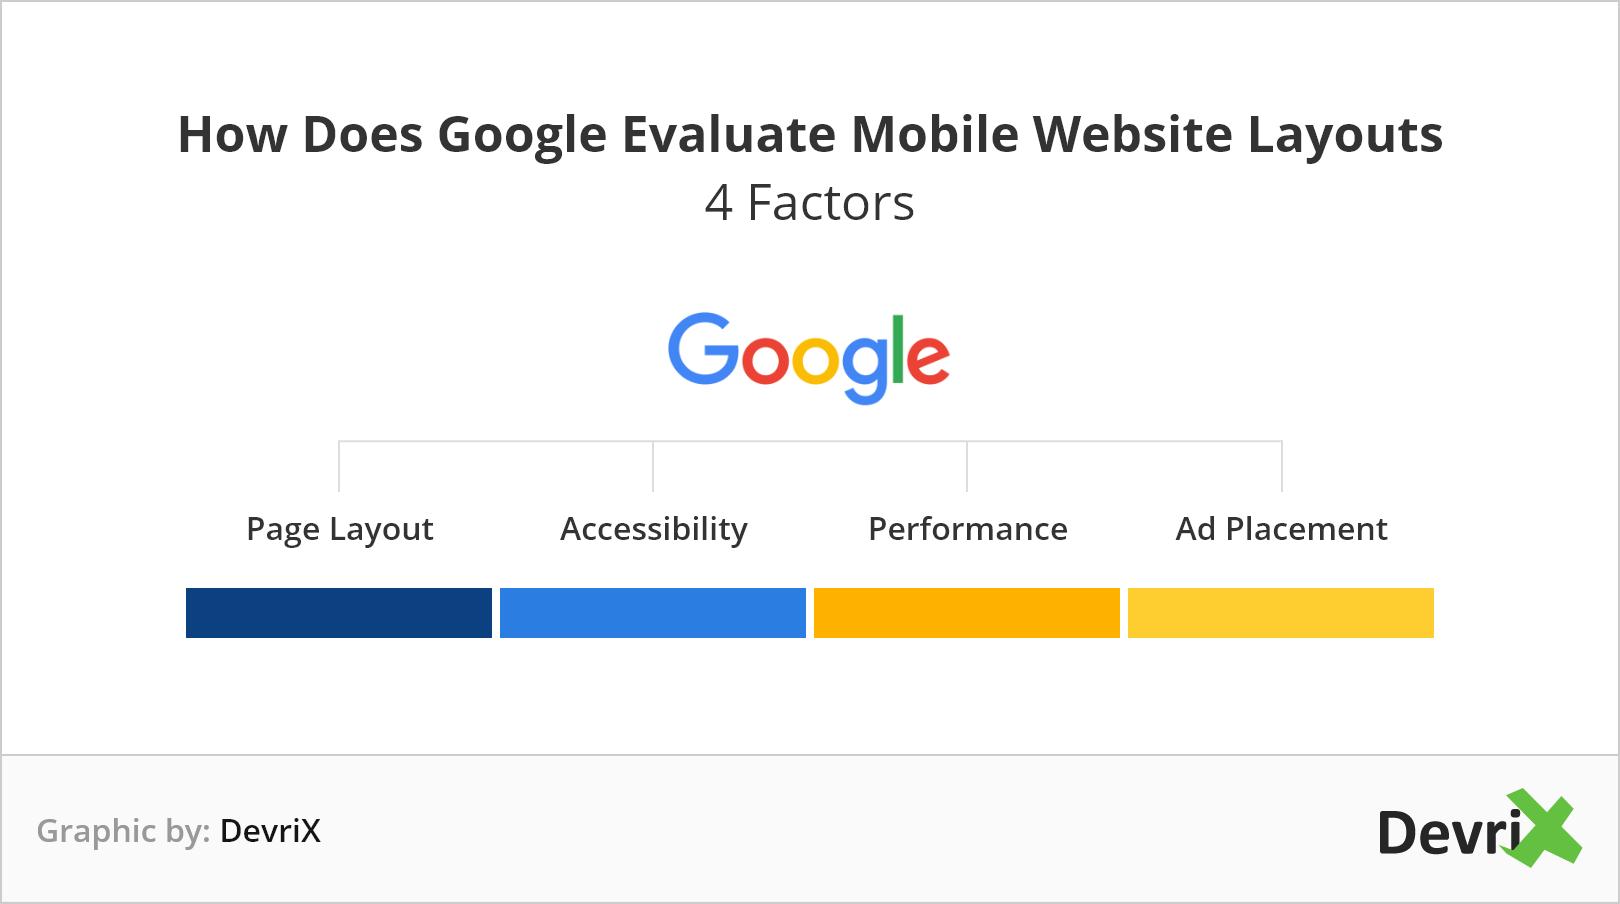 Devrix Google evaluates mobile website layouts factors